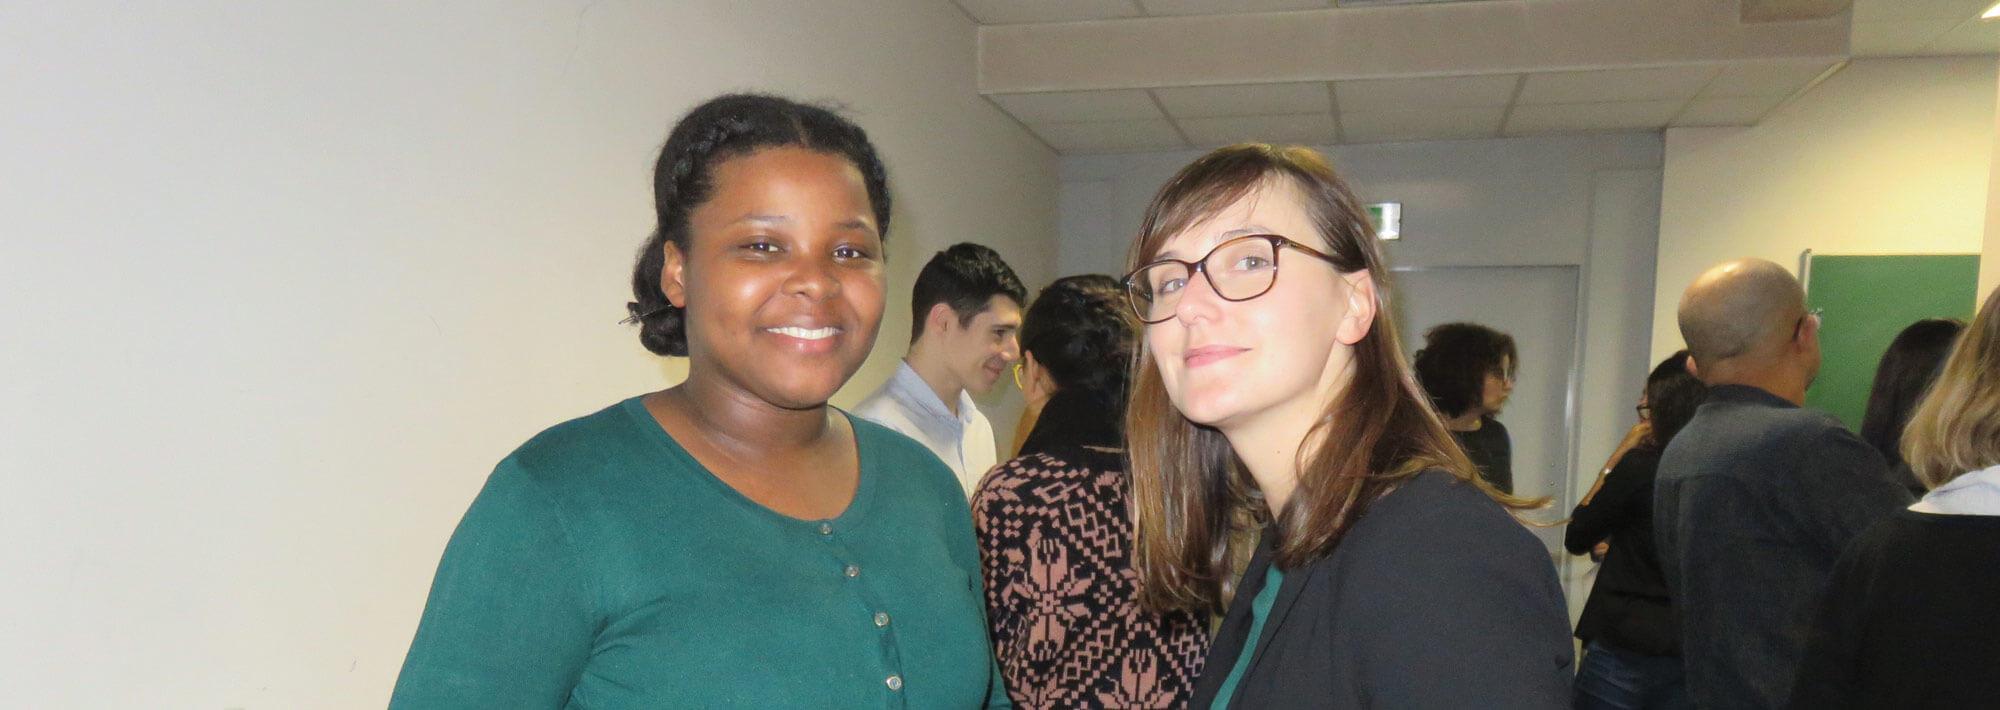 Les étudiants de GEA rencontrent leurs mentors Passeport Avenir